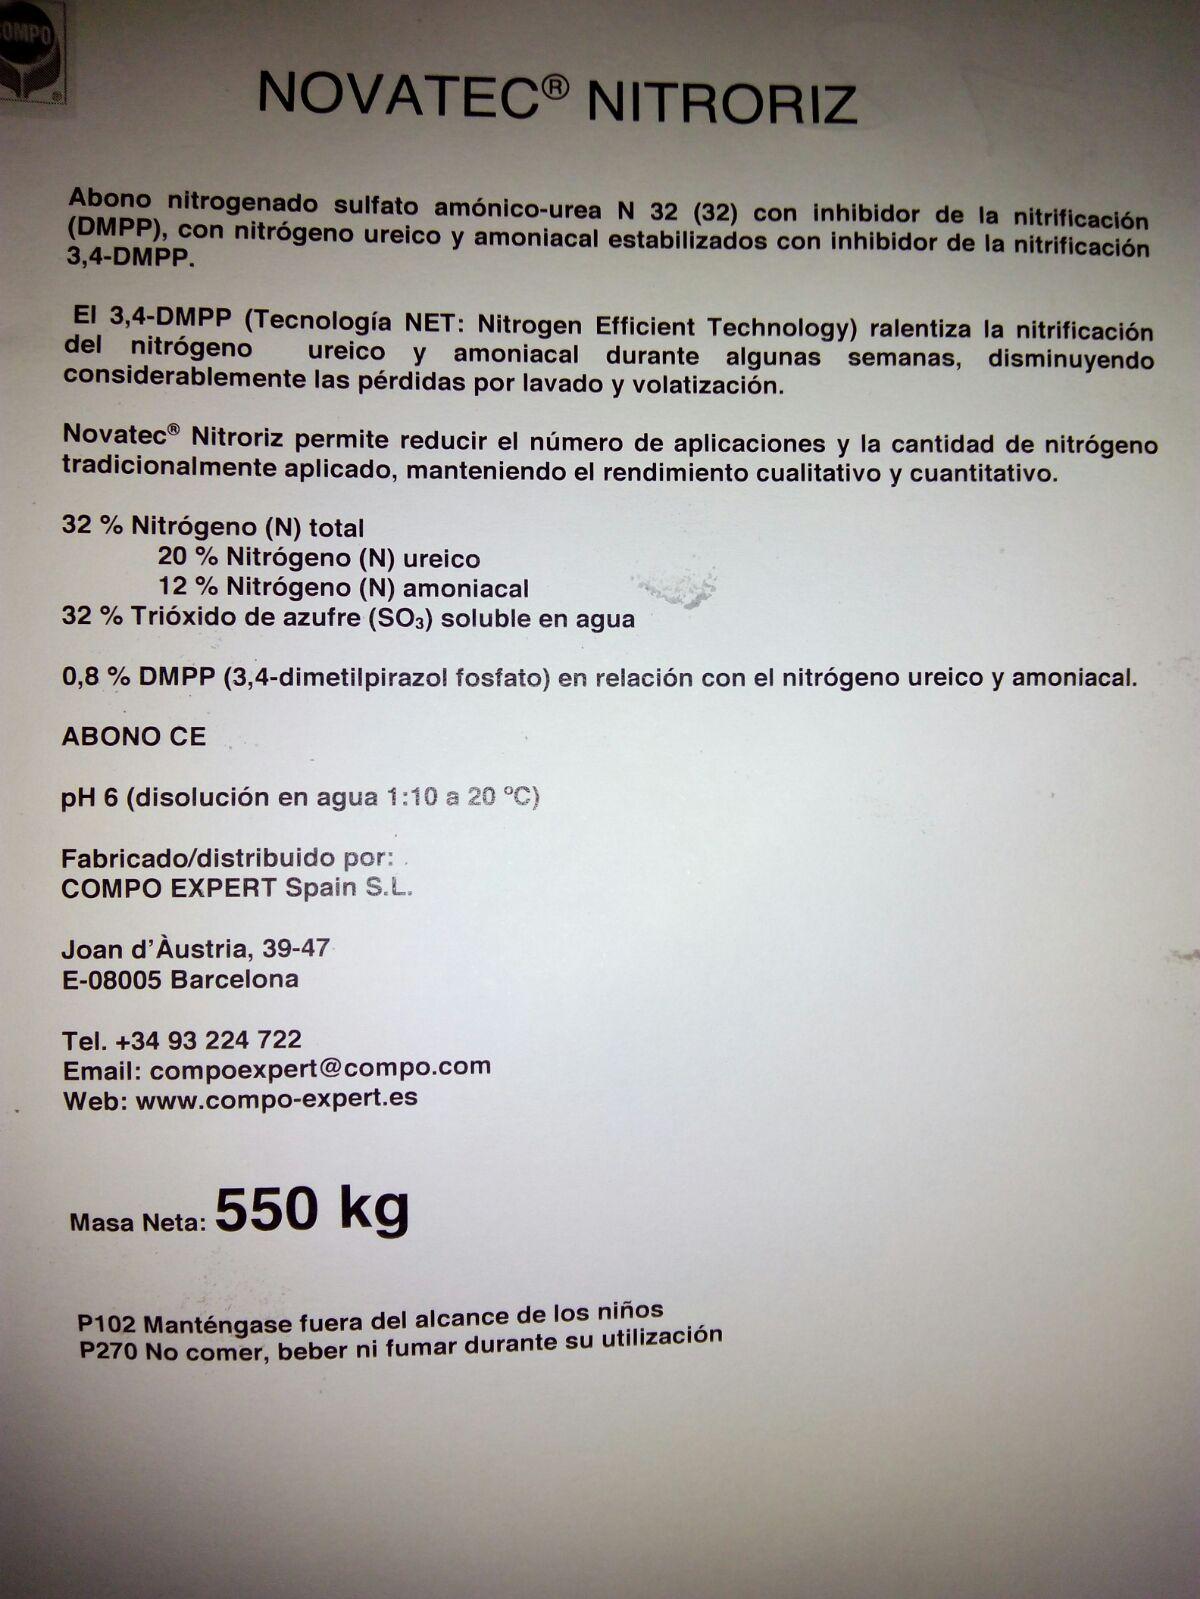 NutricionCereal-06